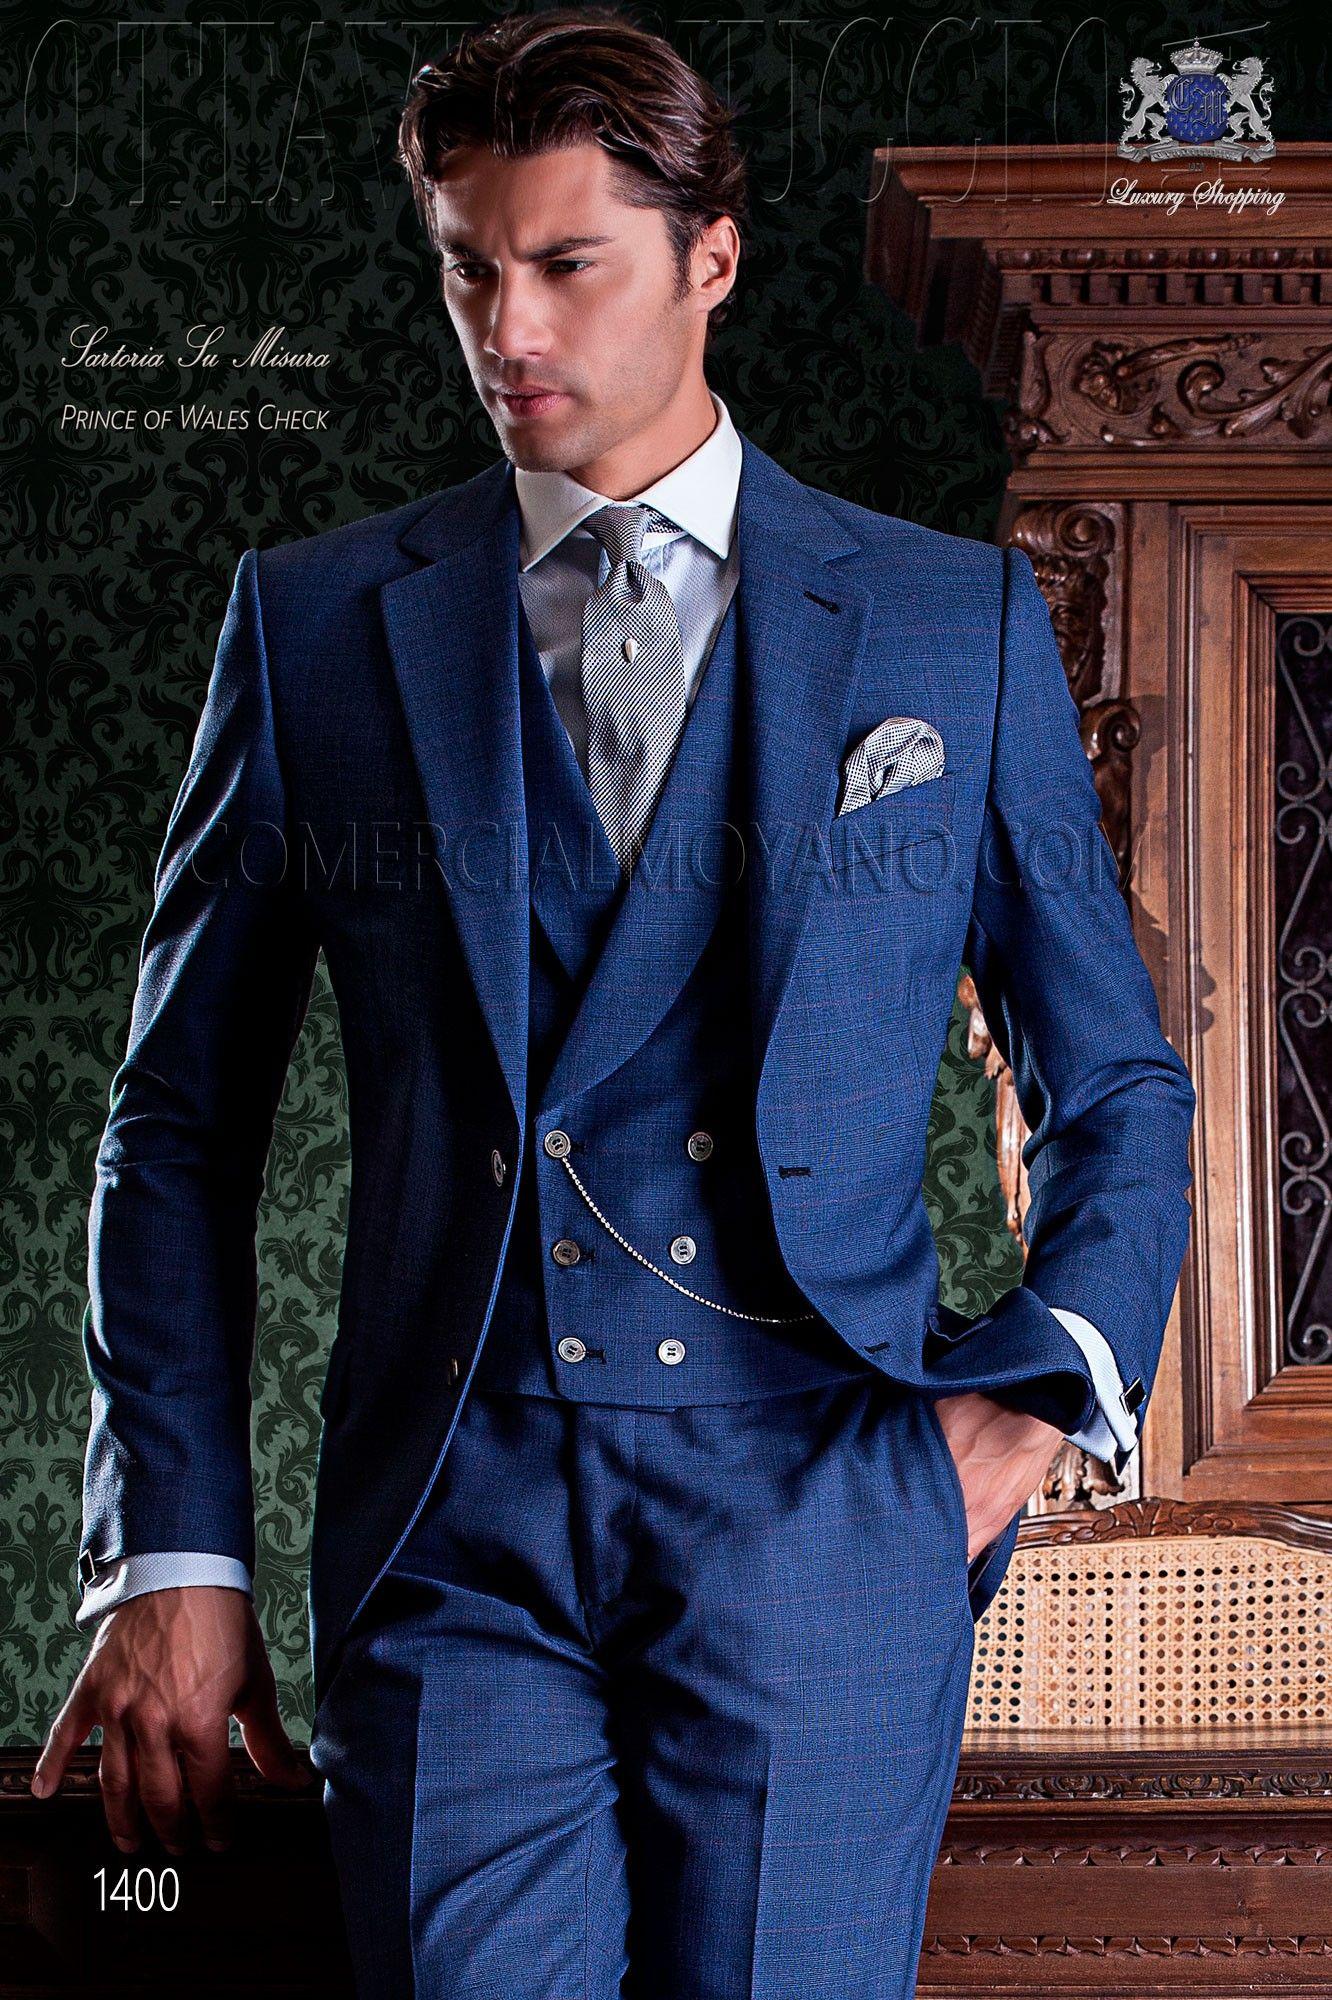 italienisch klassiche hochzeitsanzug blau im. Black Bedroom Furniture Sets. Home Design Ideas